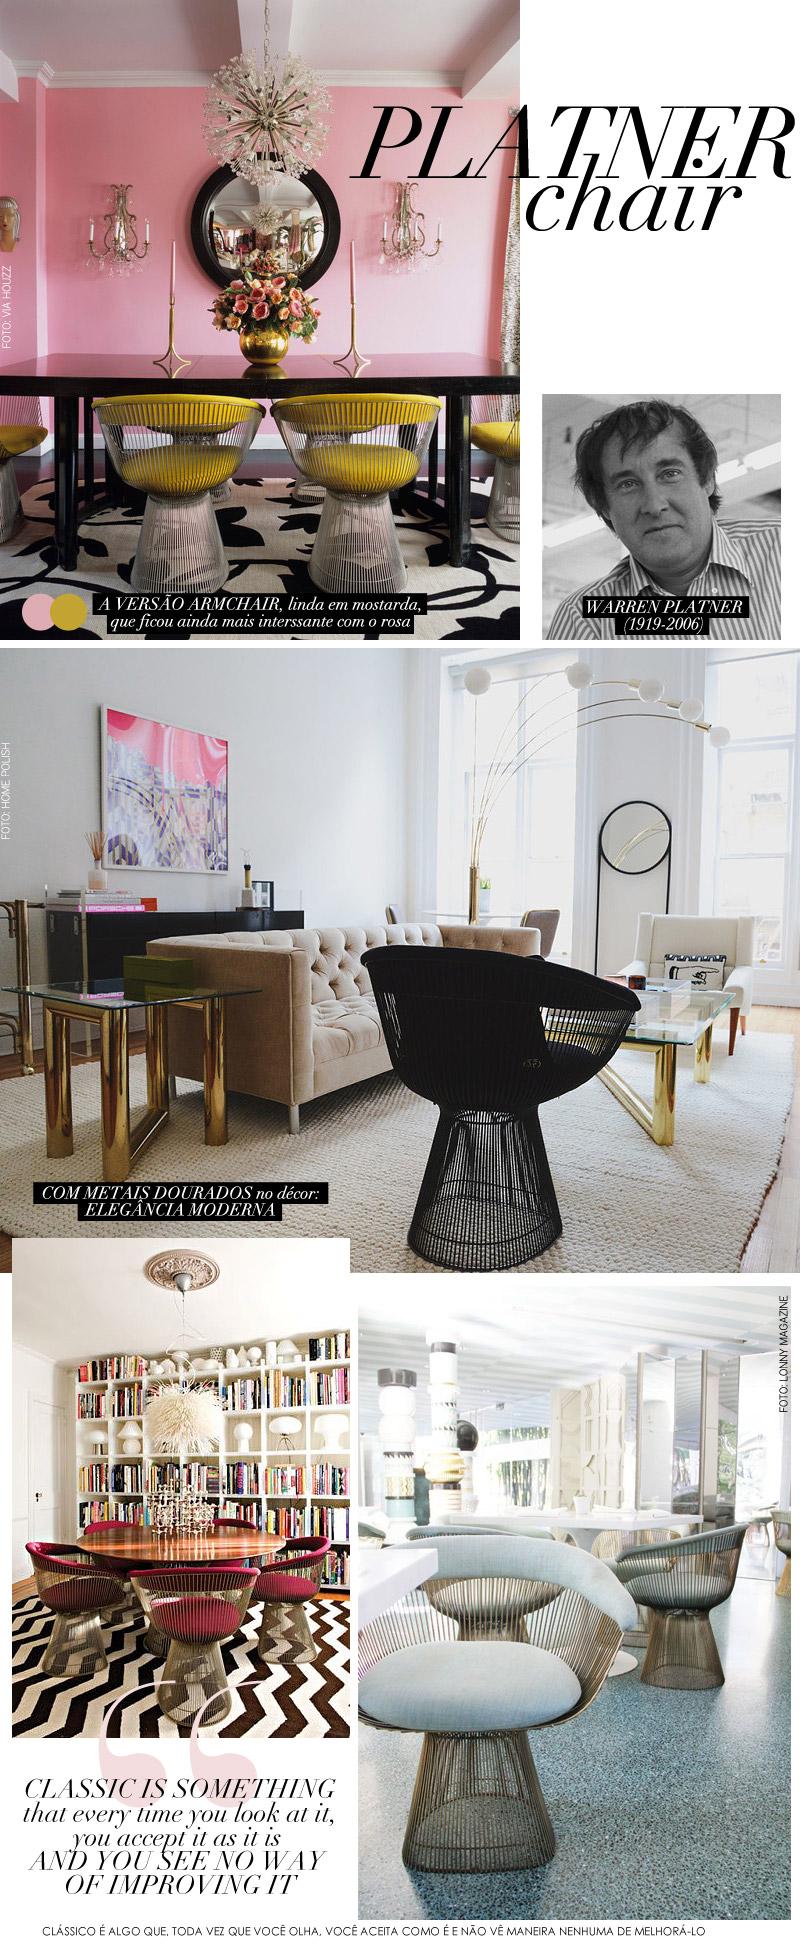 living-gazette-barbara-resende-decor-designer-platner-chair